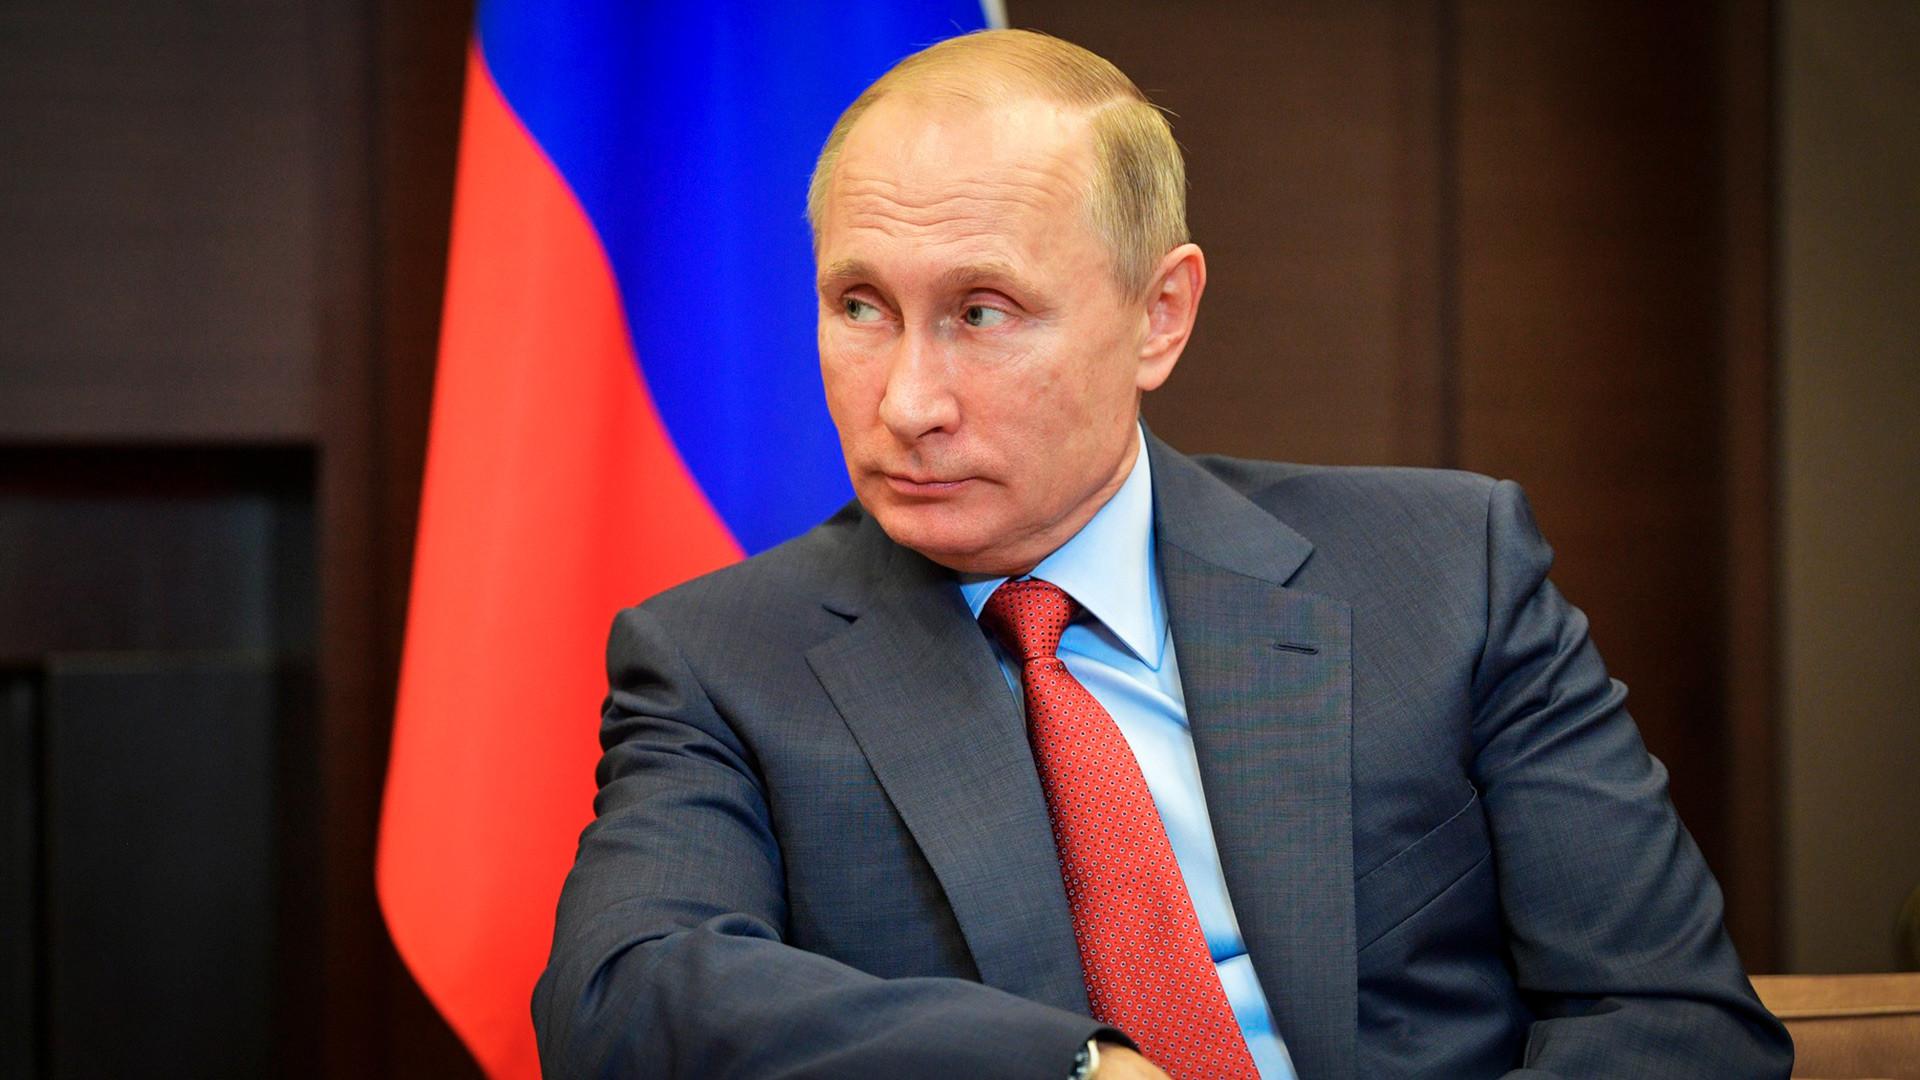 Pourquoi Vladimir Poutine a-t-il apporté sa propre tasse au dîner du G20 ?